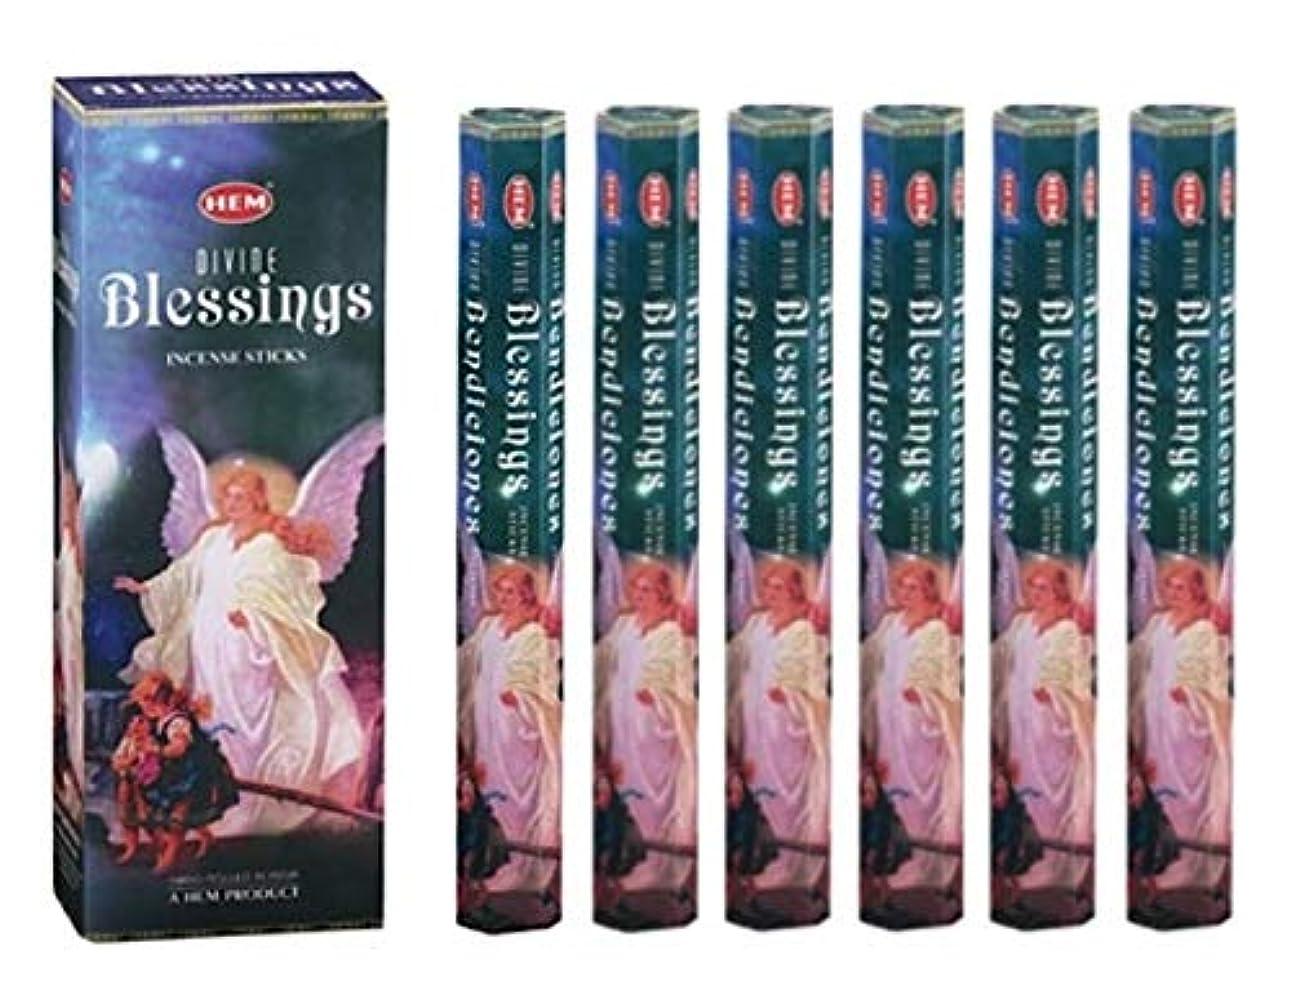 床を掃除する雪アベニューHEM(ヘム)社 ブレッシング香 スティック BLESSINGS 6箱セット